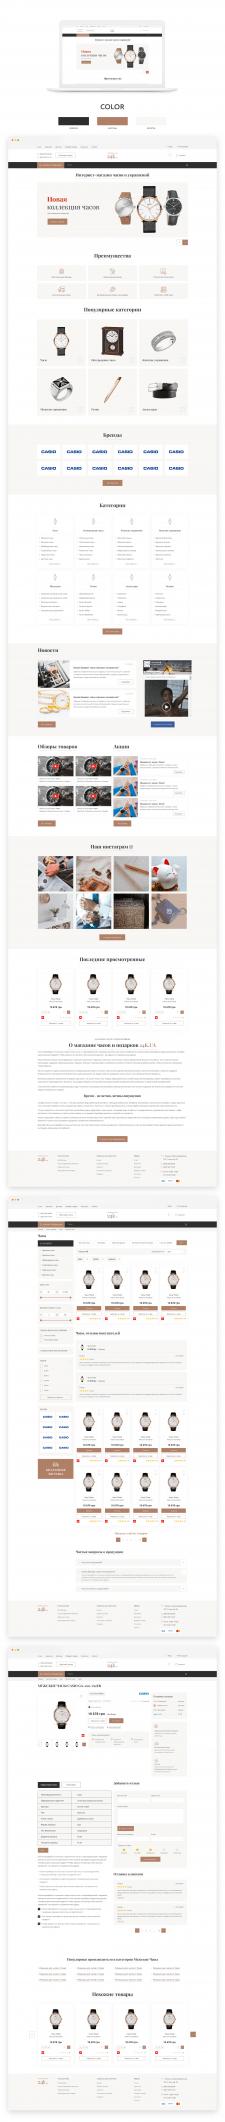 24k.ua интернет-магазин часов и украшений